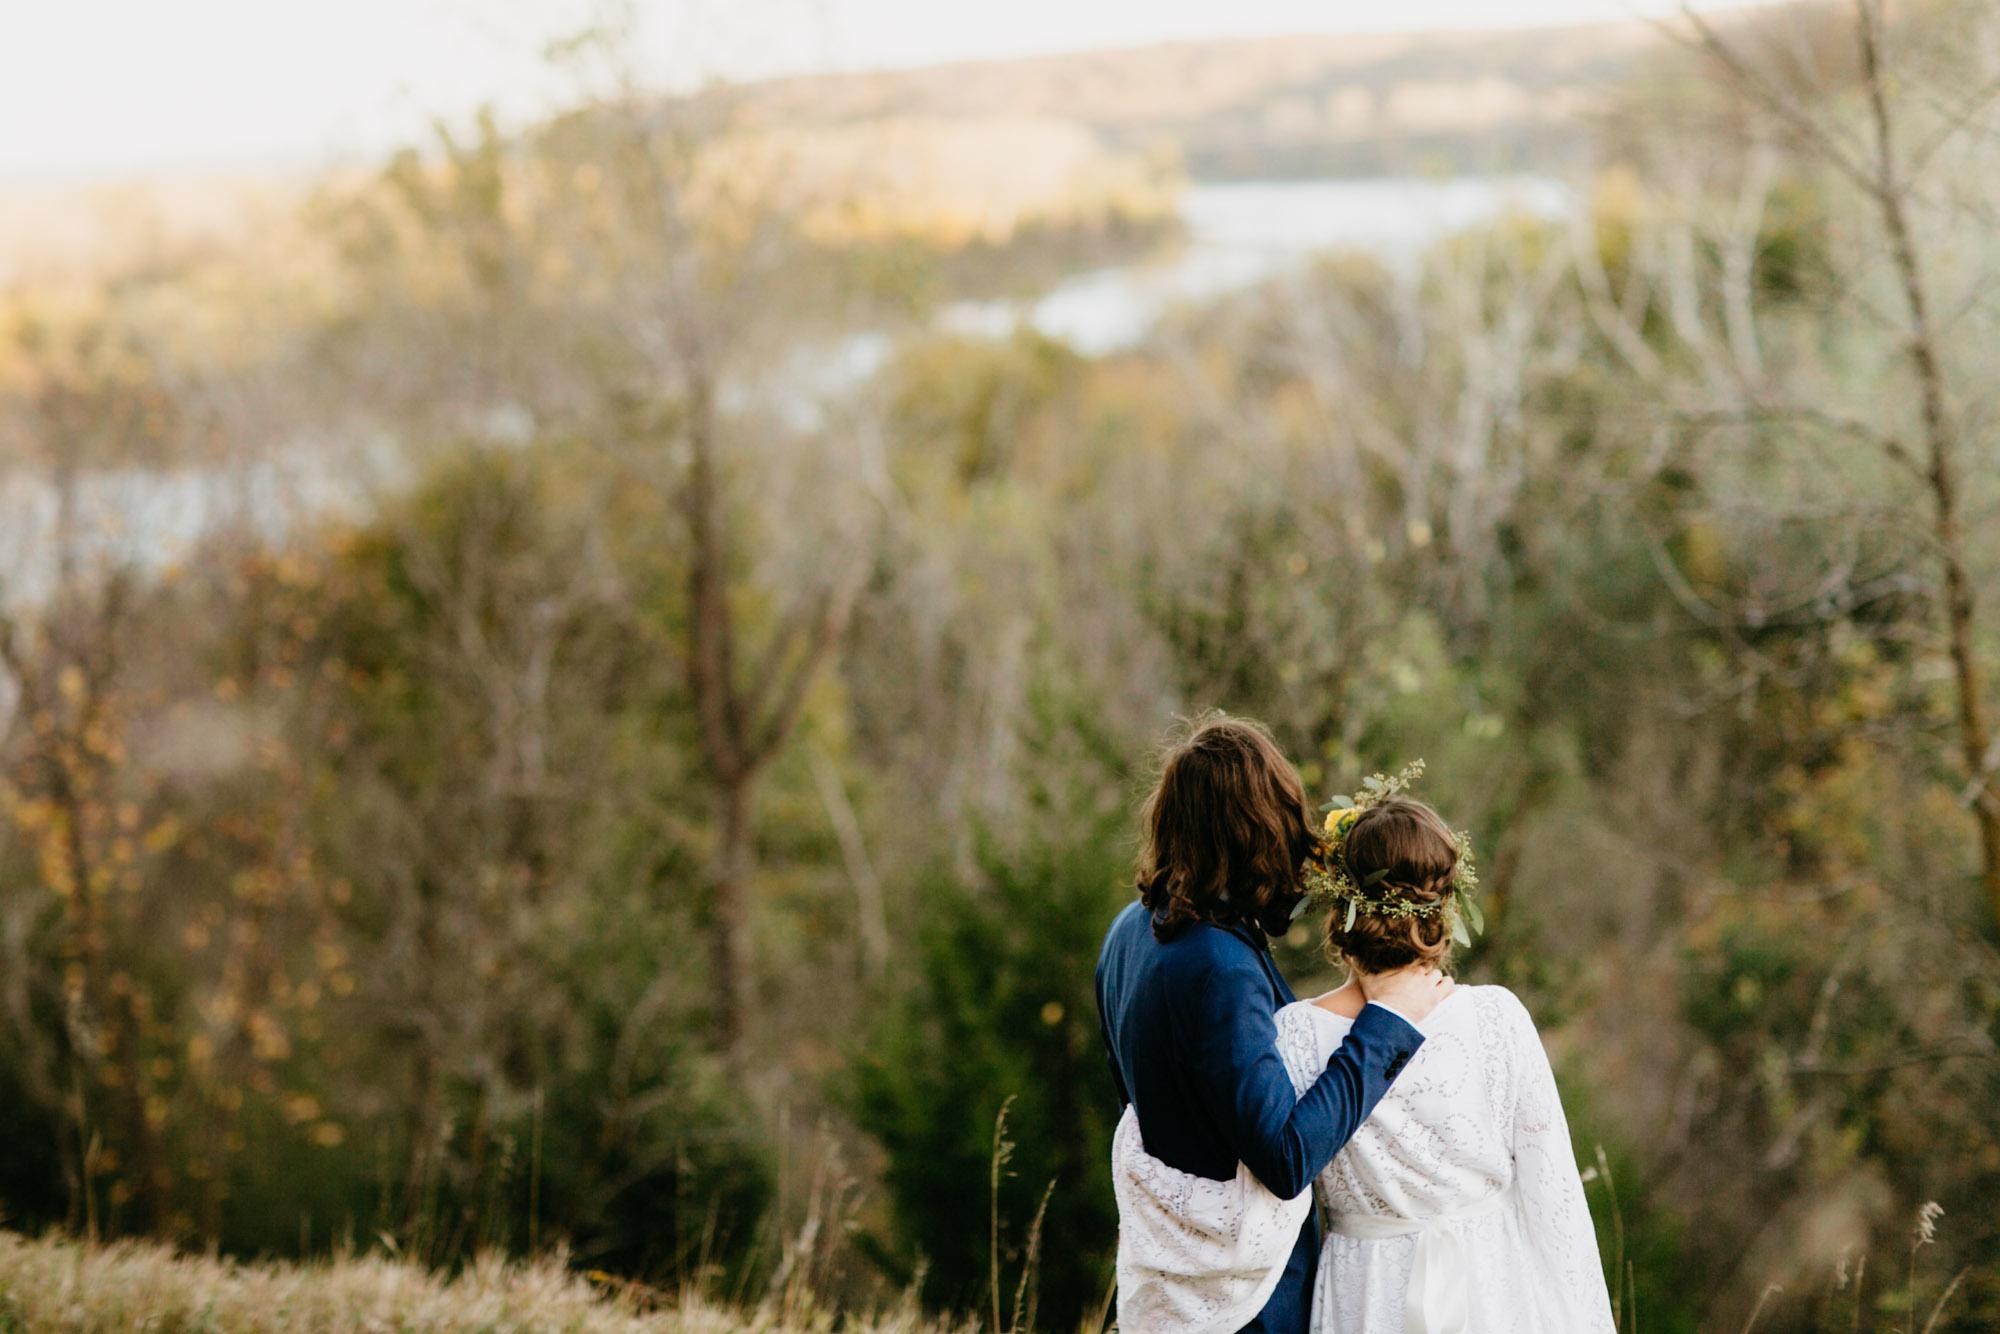 omaha-elopement-photographer-39.jpg